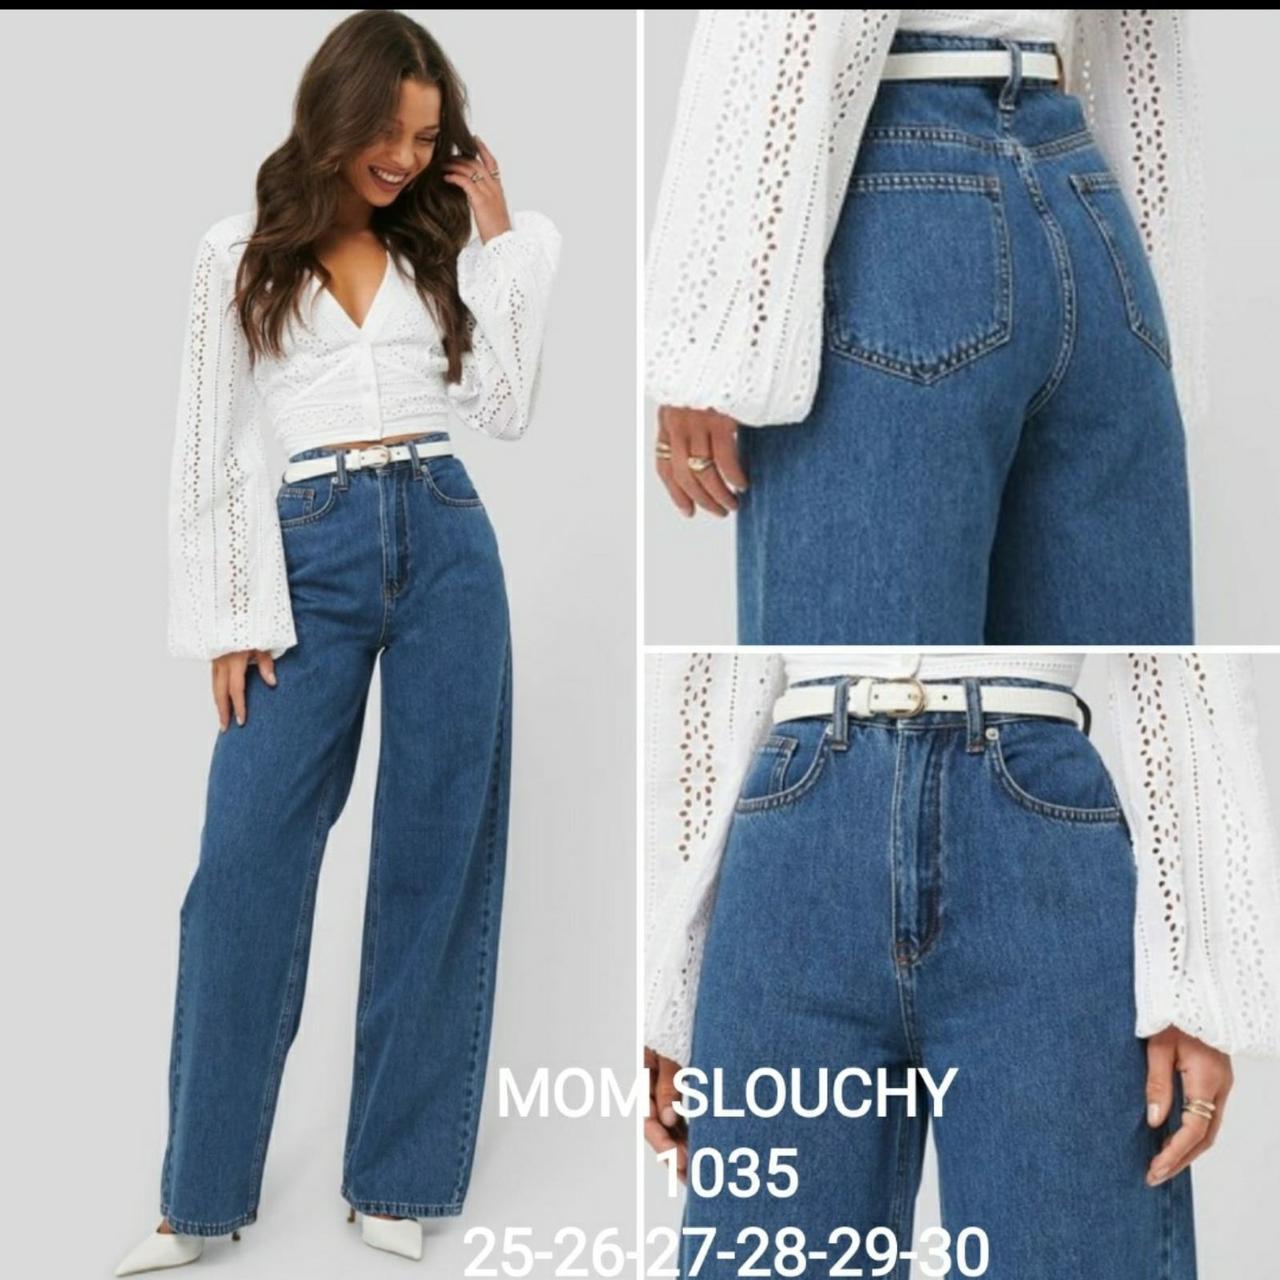 Расклешенные женские джинсы слоучи от бедра Esqua 1035 (25-30 в расцветках)